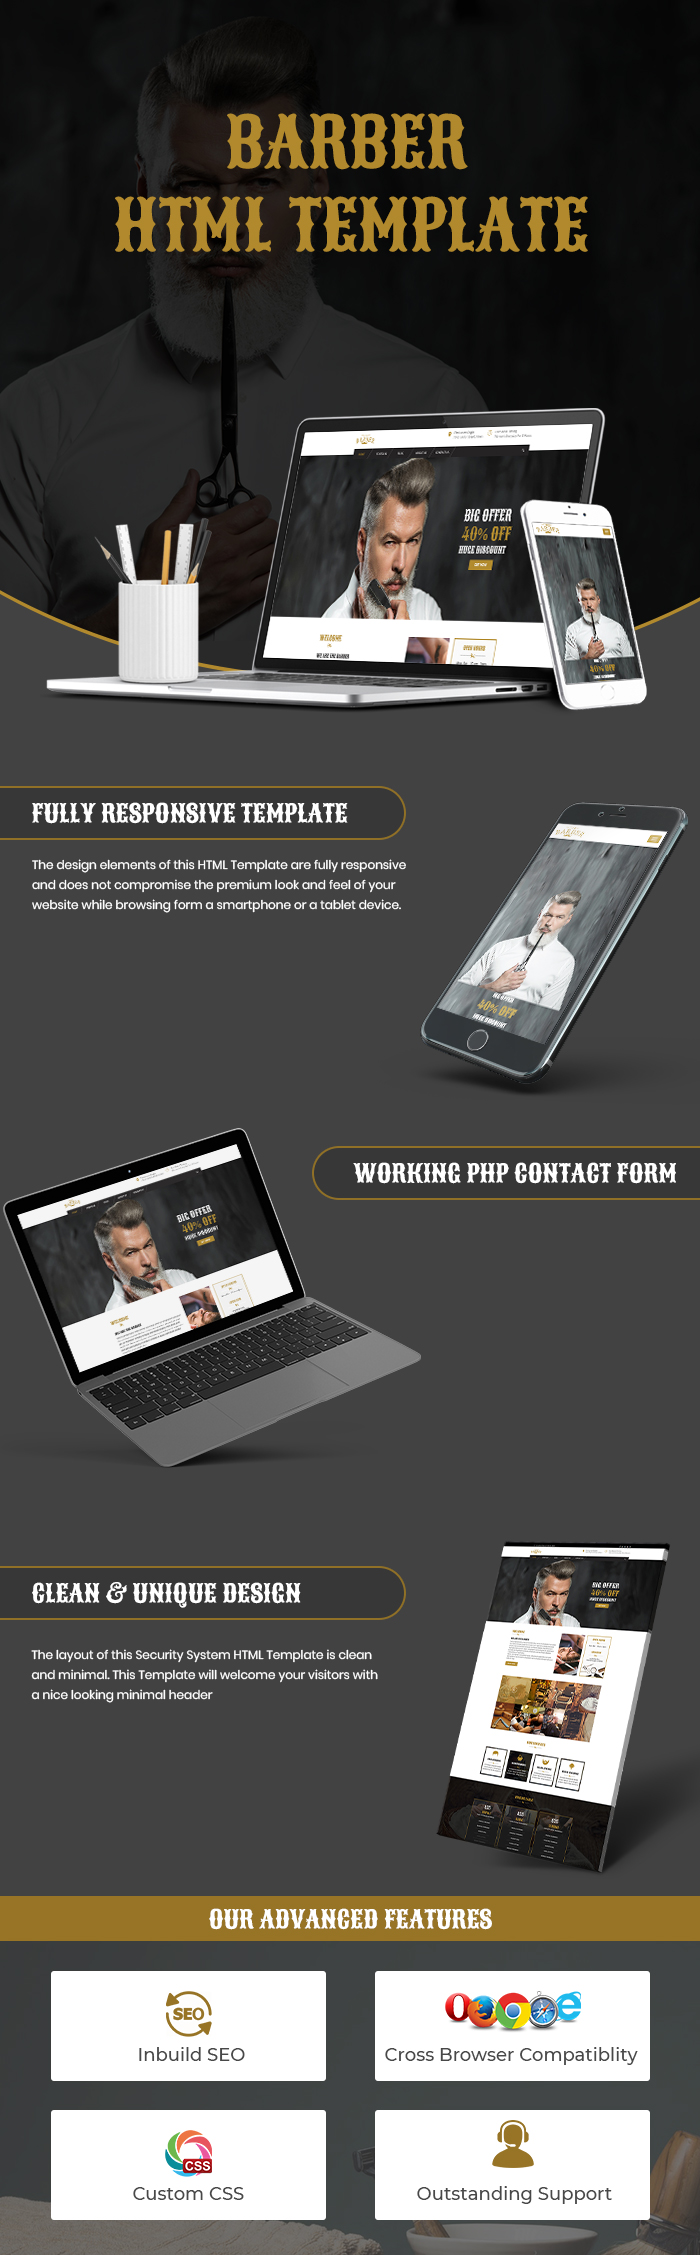 barber shop html website template template bundle. Black Bedroom Furniture Sets. Home Design Ideas